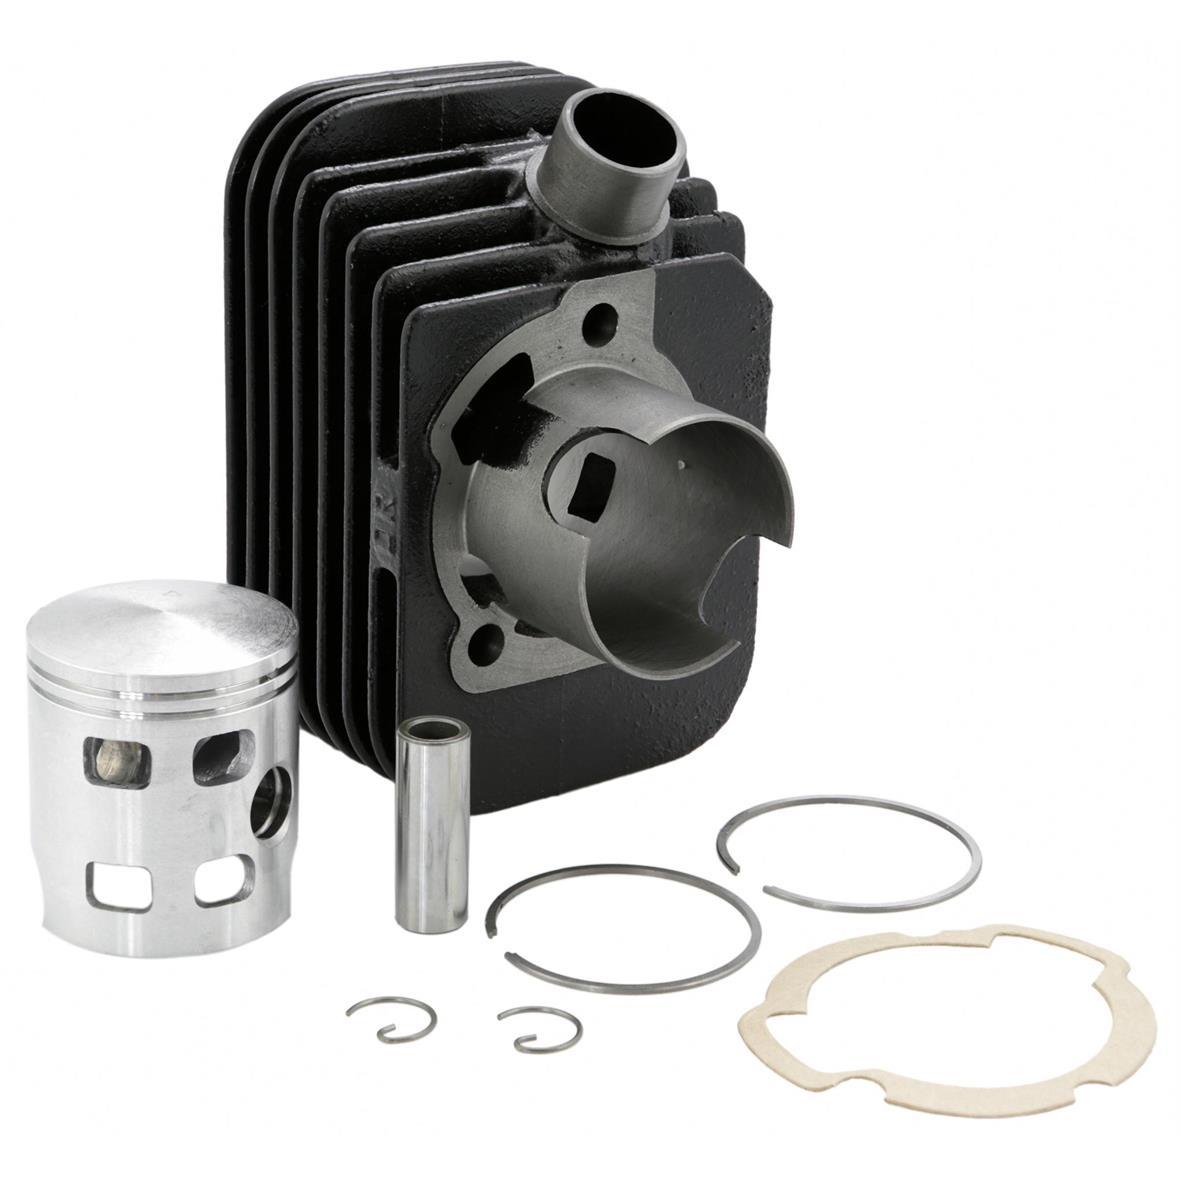 Image du produit 'Kit cylindre racing D.R. 50 cc'